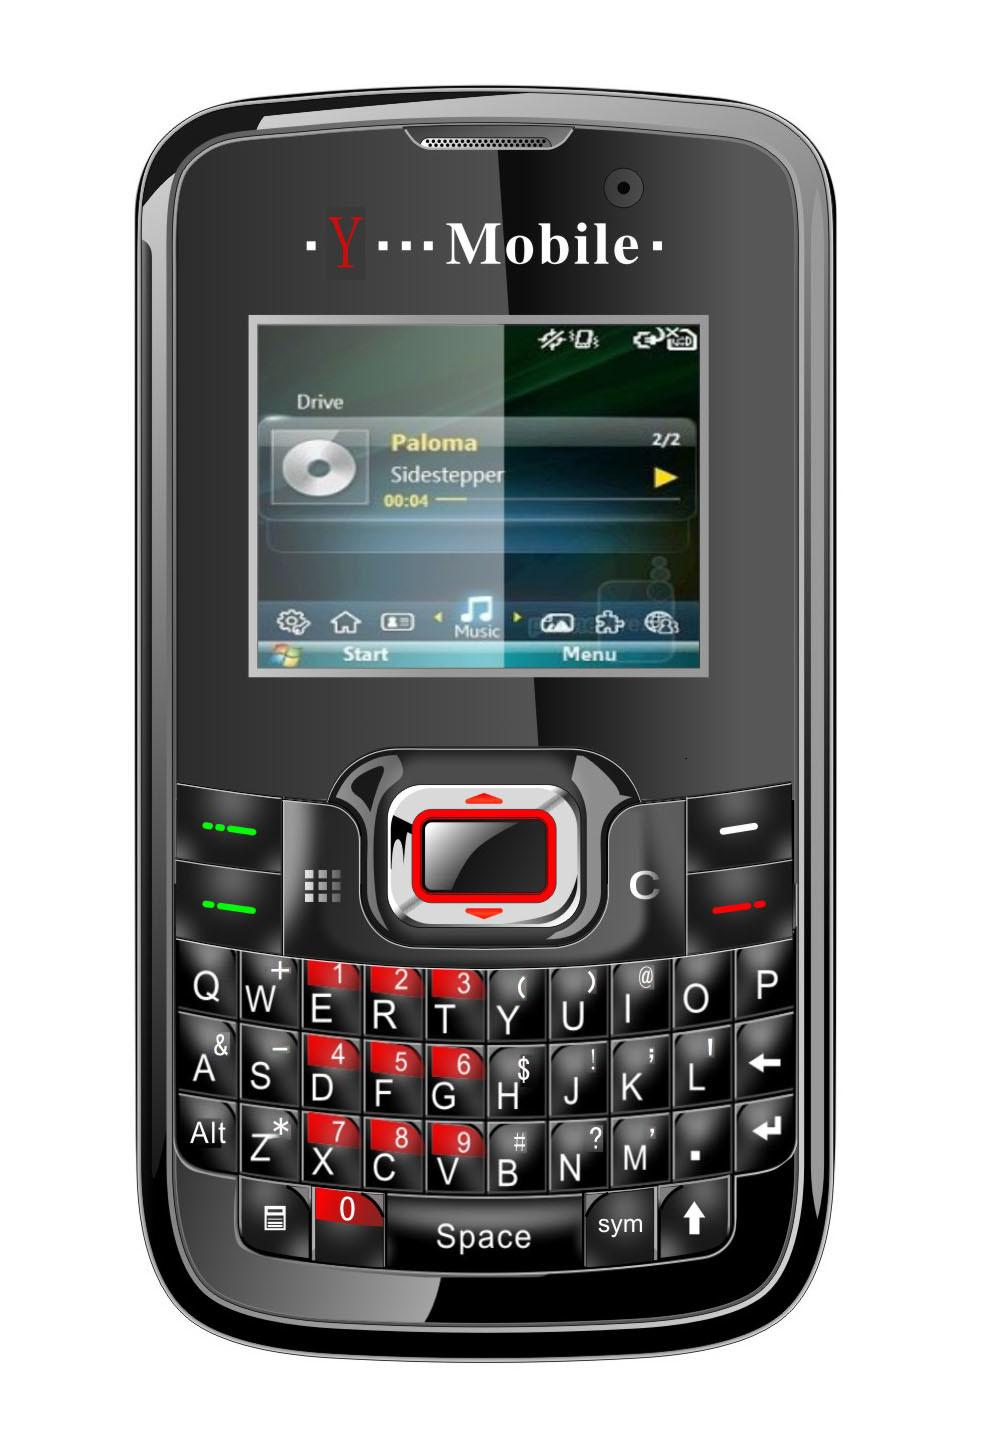 уточнить мобильный телефон с двумя сим картами попытки вылечить